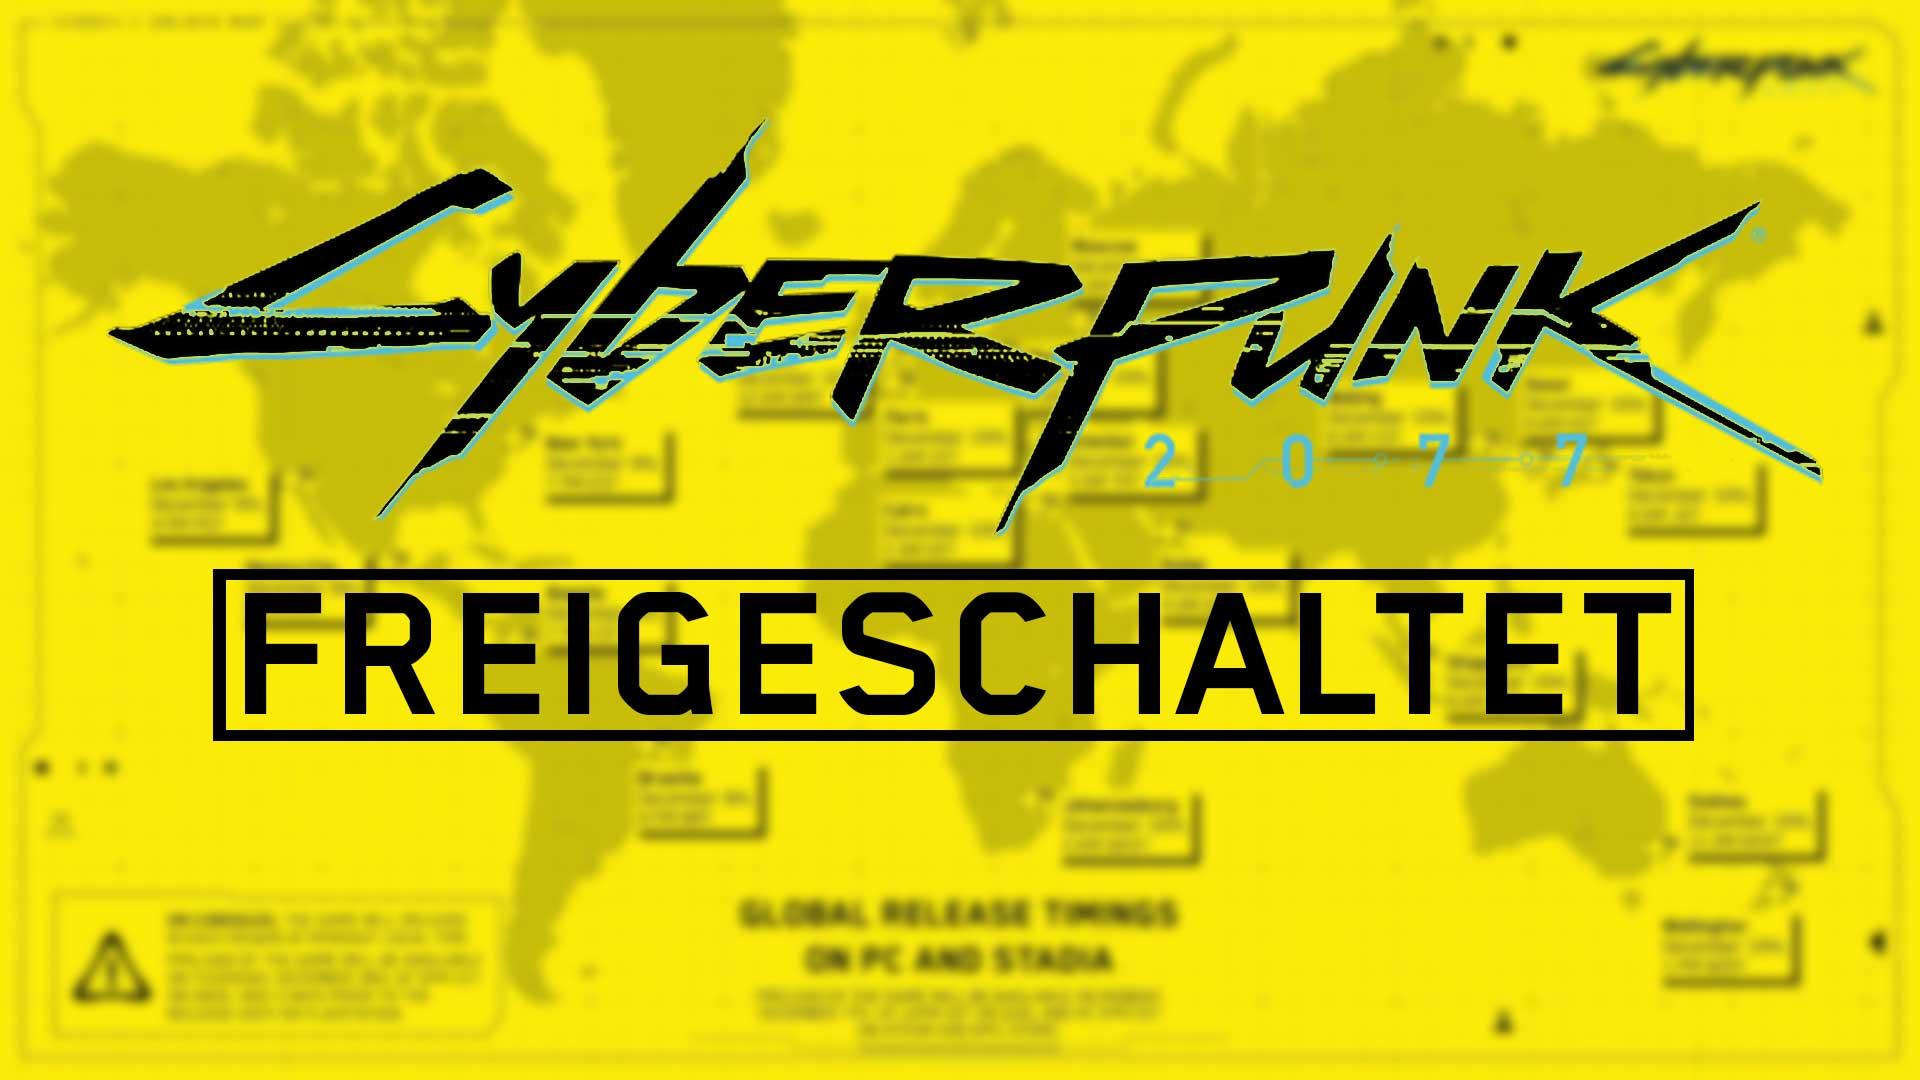 cyberpunk 2077 freigeschaltet